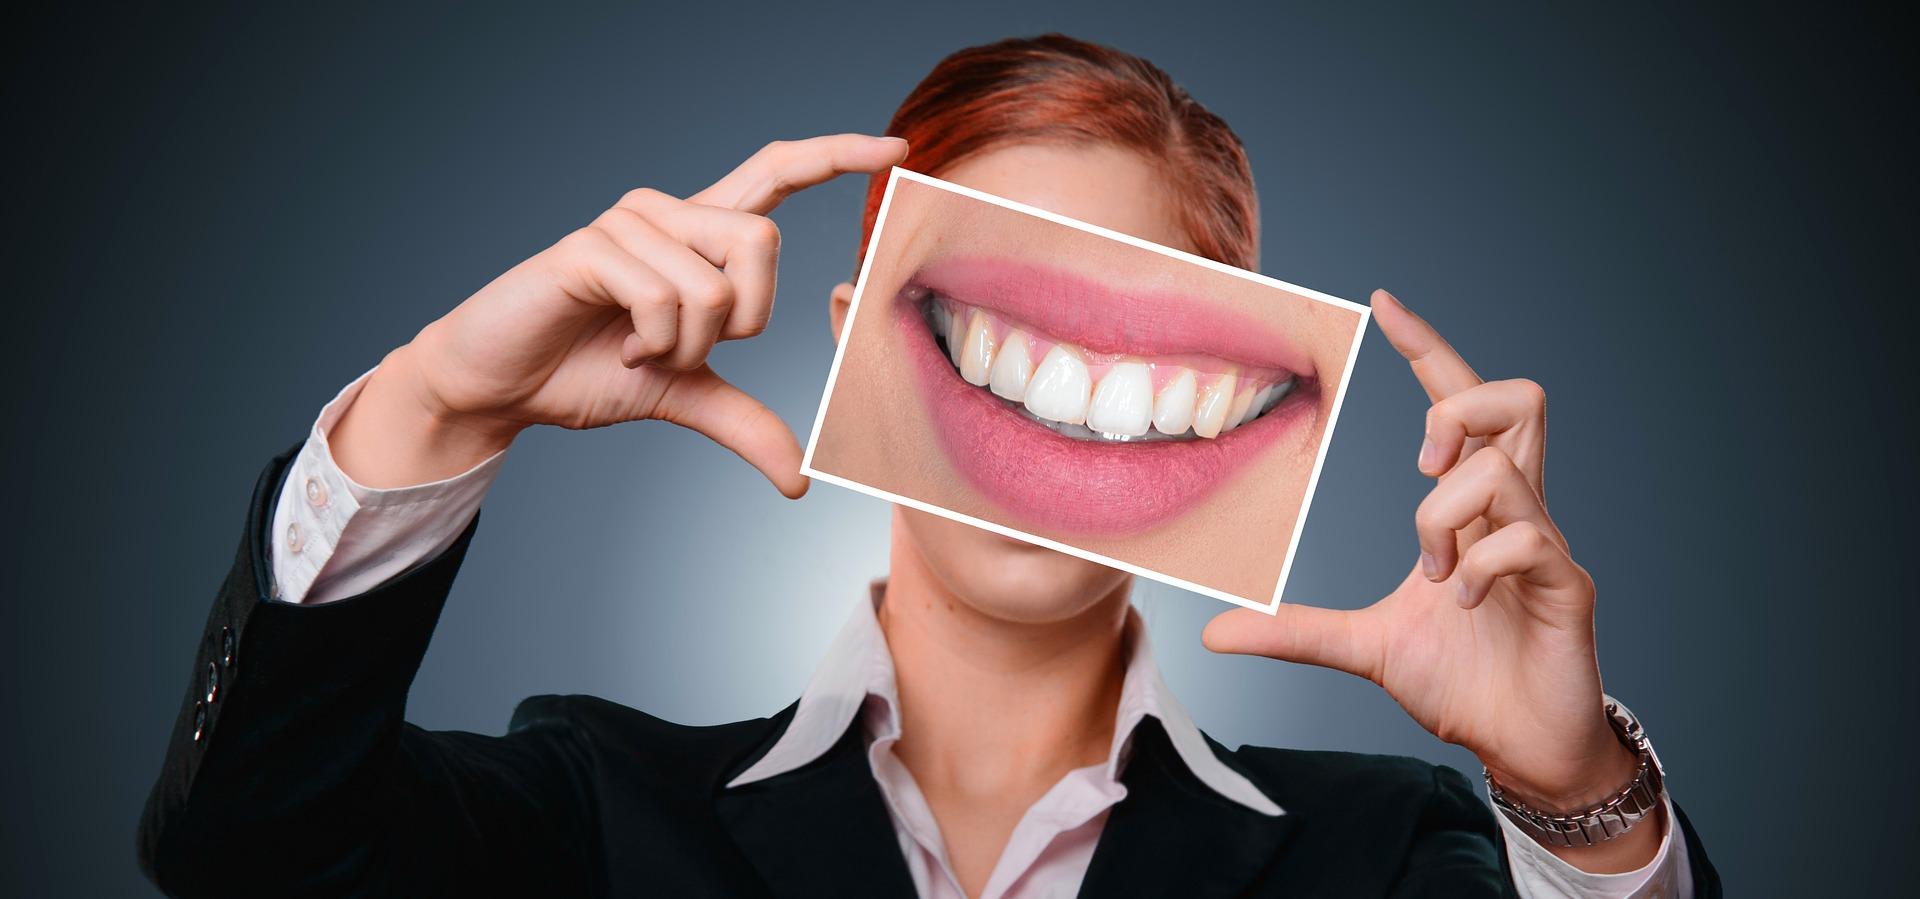 Preserva l'integrità dei denti per un sorriso sano!